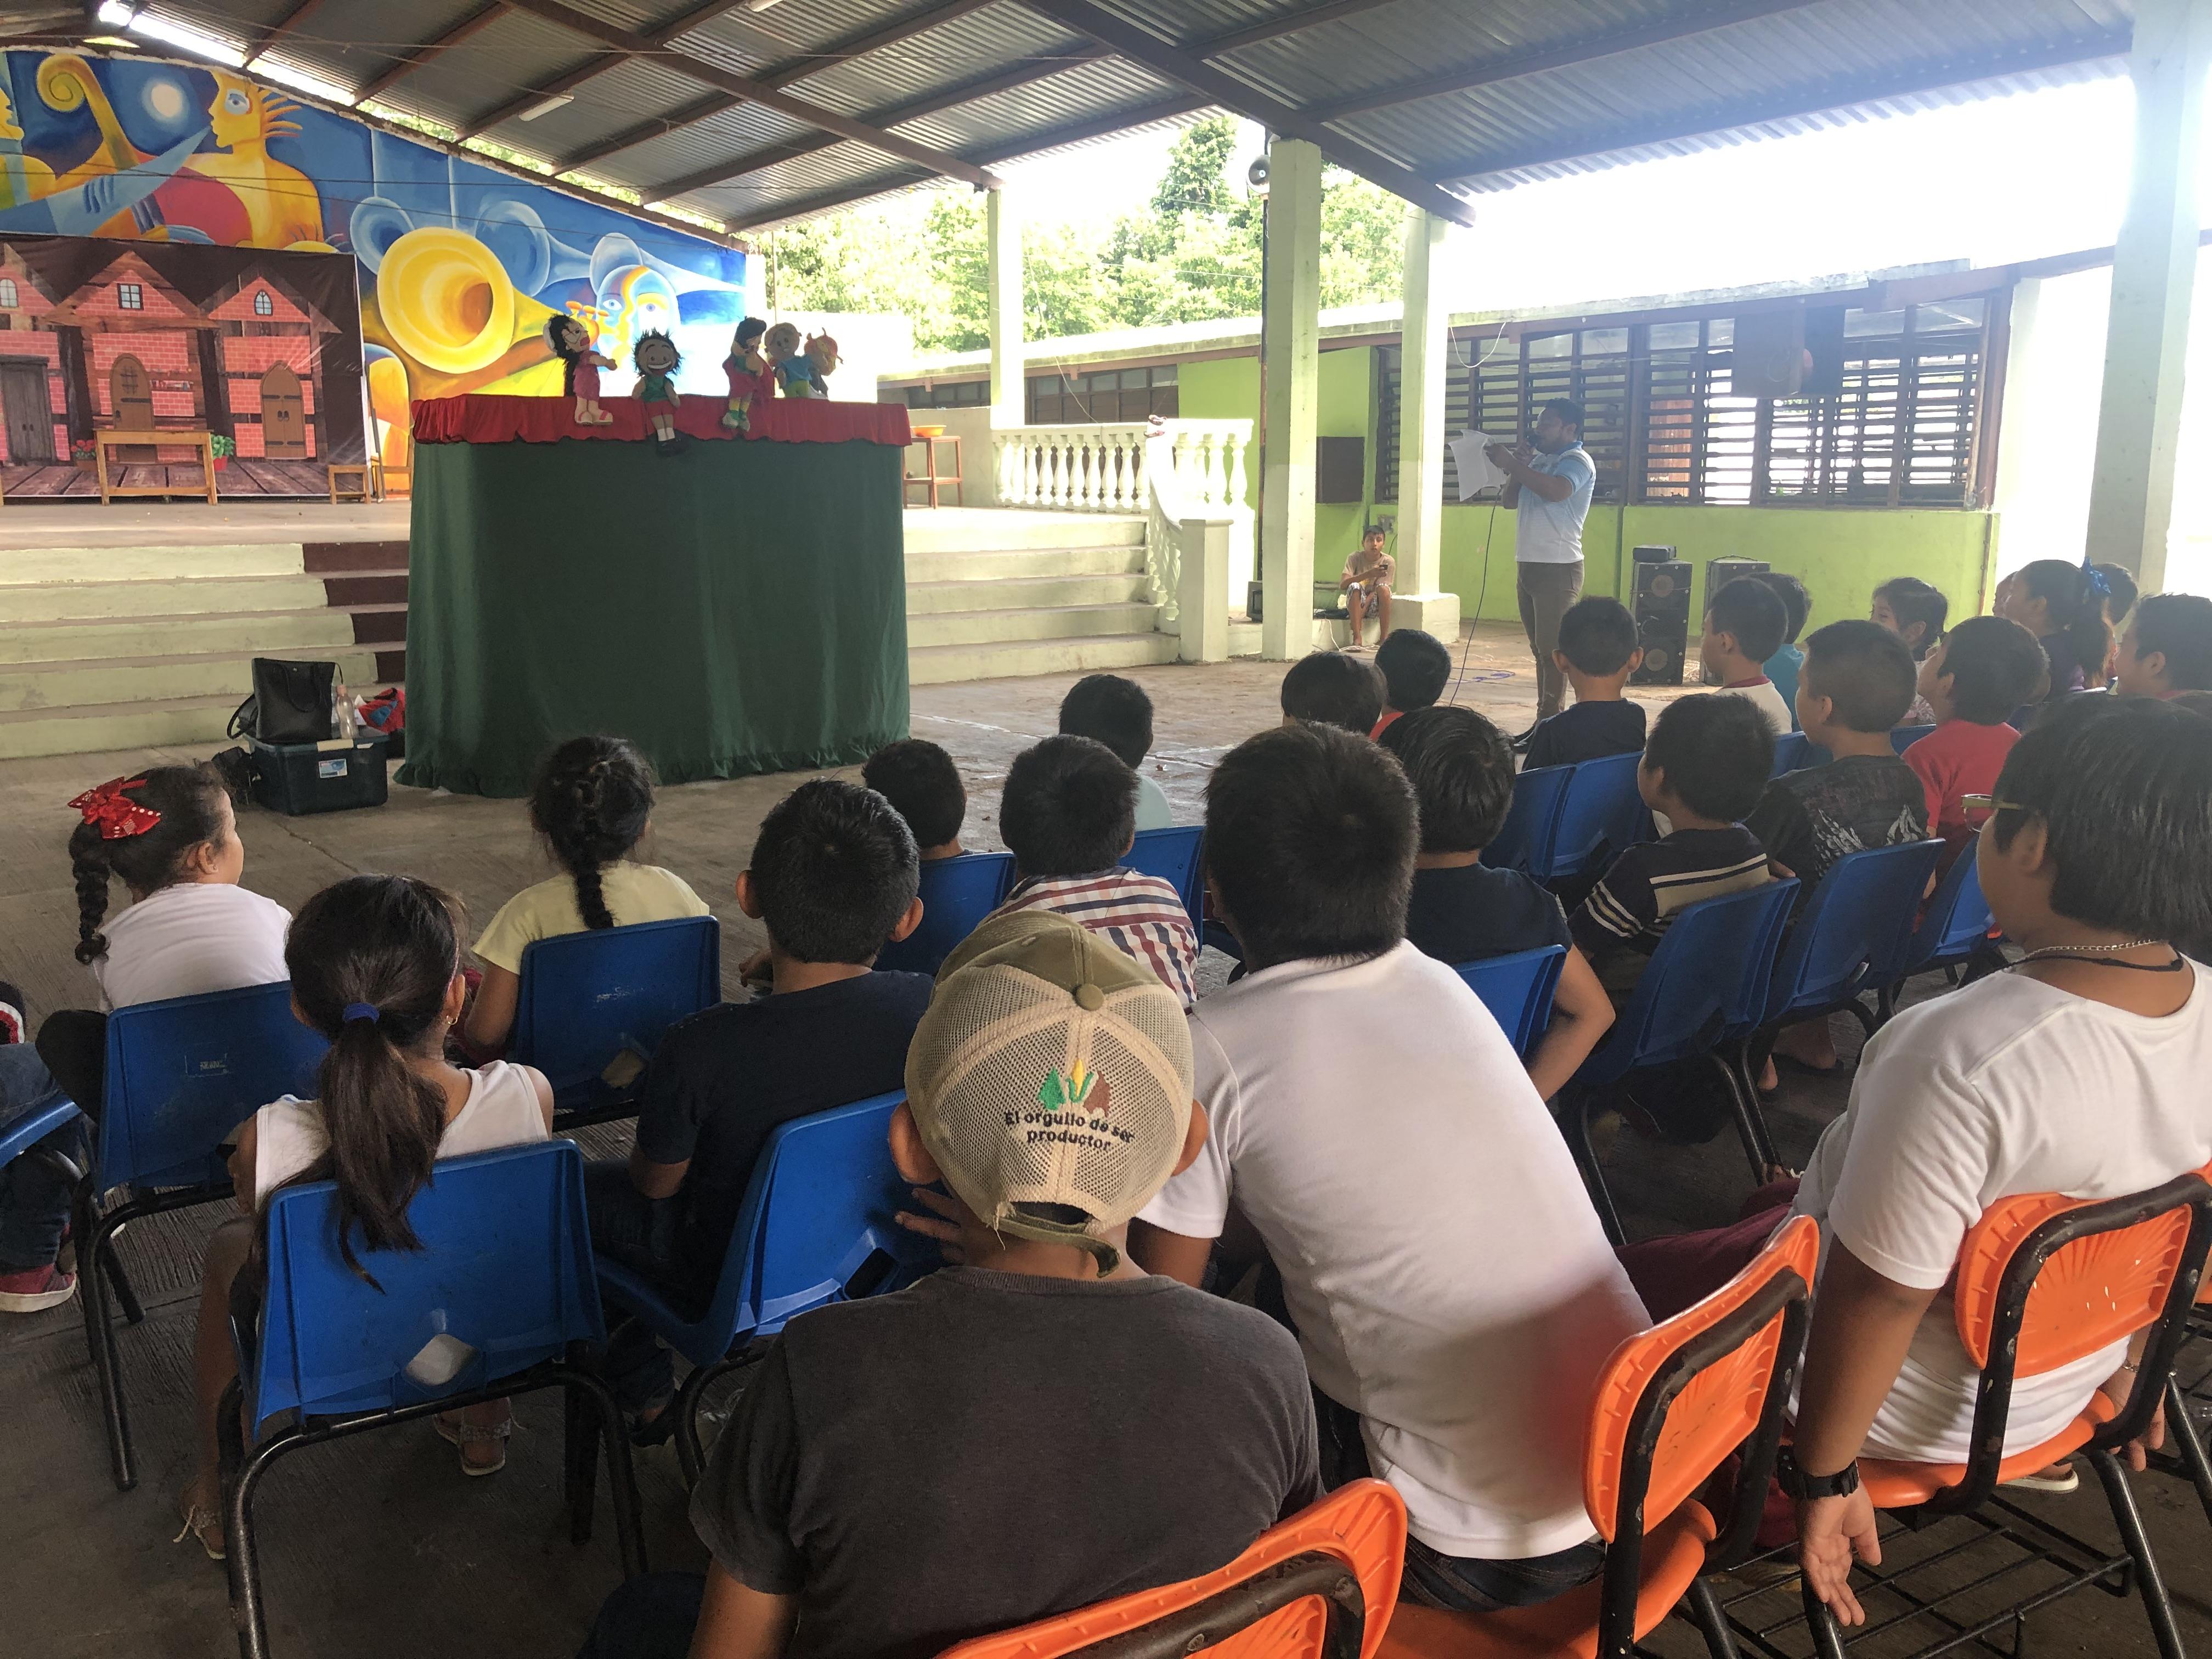 Visita a la primaria Vicente Guerrero en el municipio de Chocholá